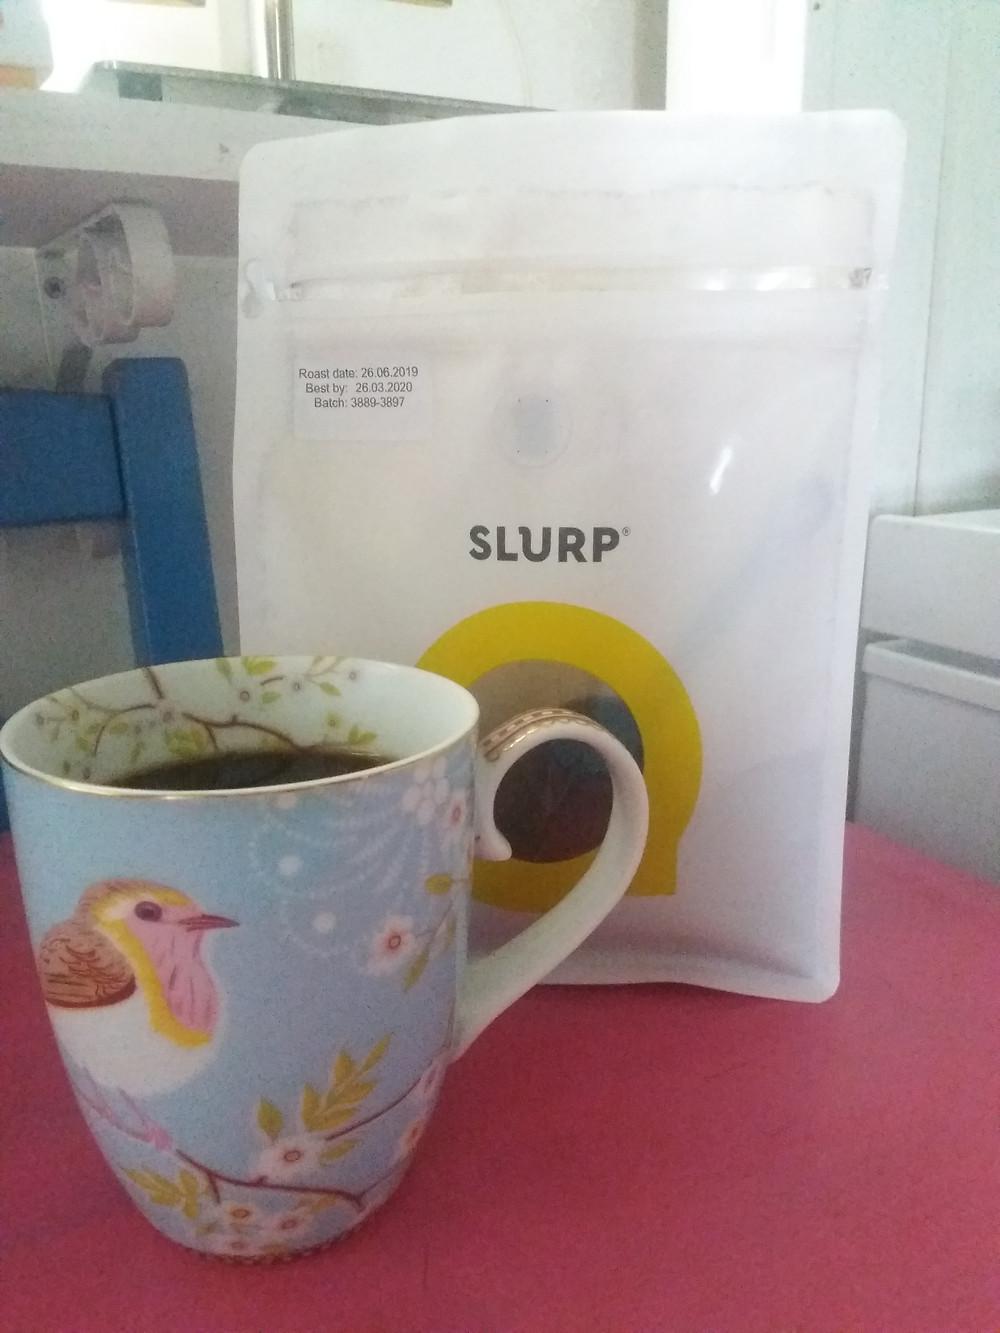 Slurp-kahvi on arjen luksusta suht' halvalla.